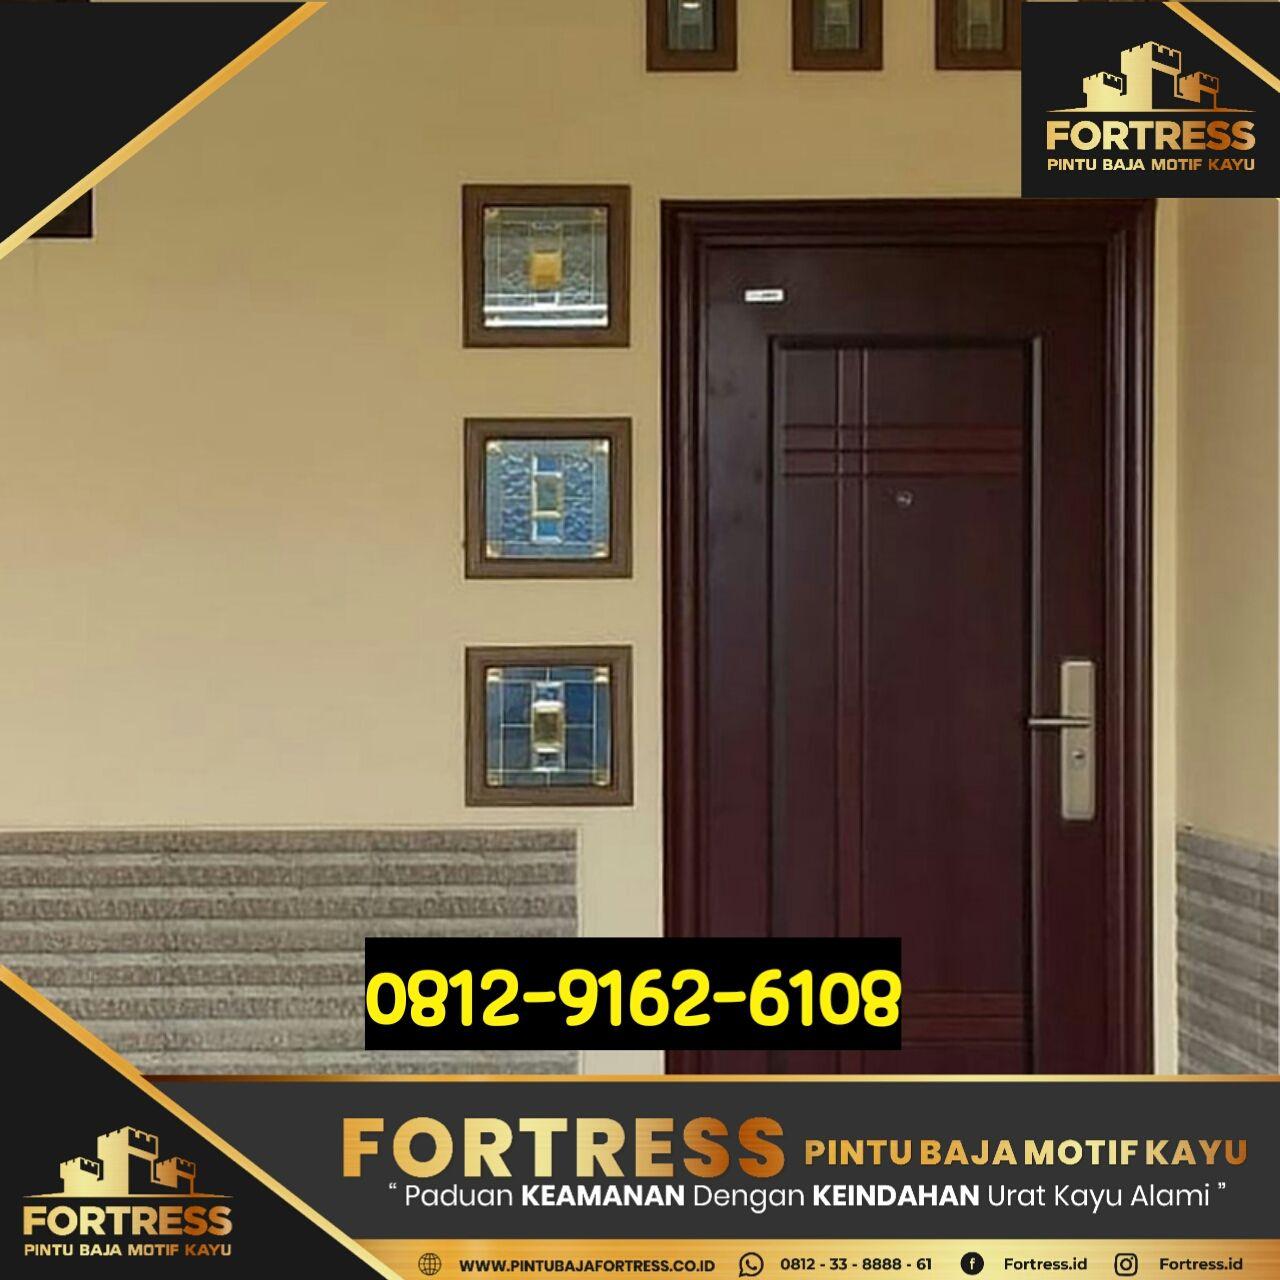 0812-9162-6105 (FOTRESS), steel garage doors, harmonica doors …